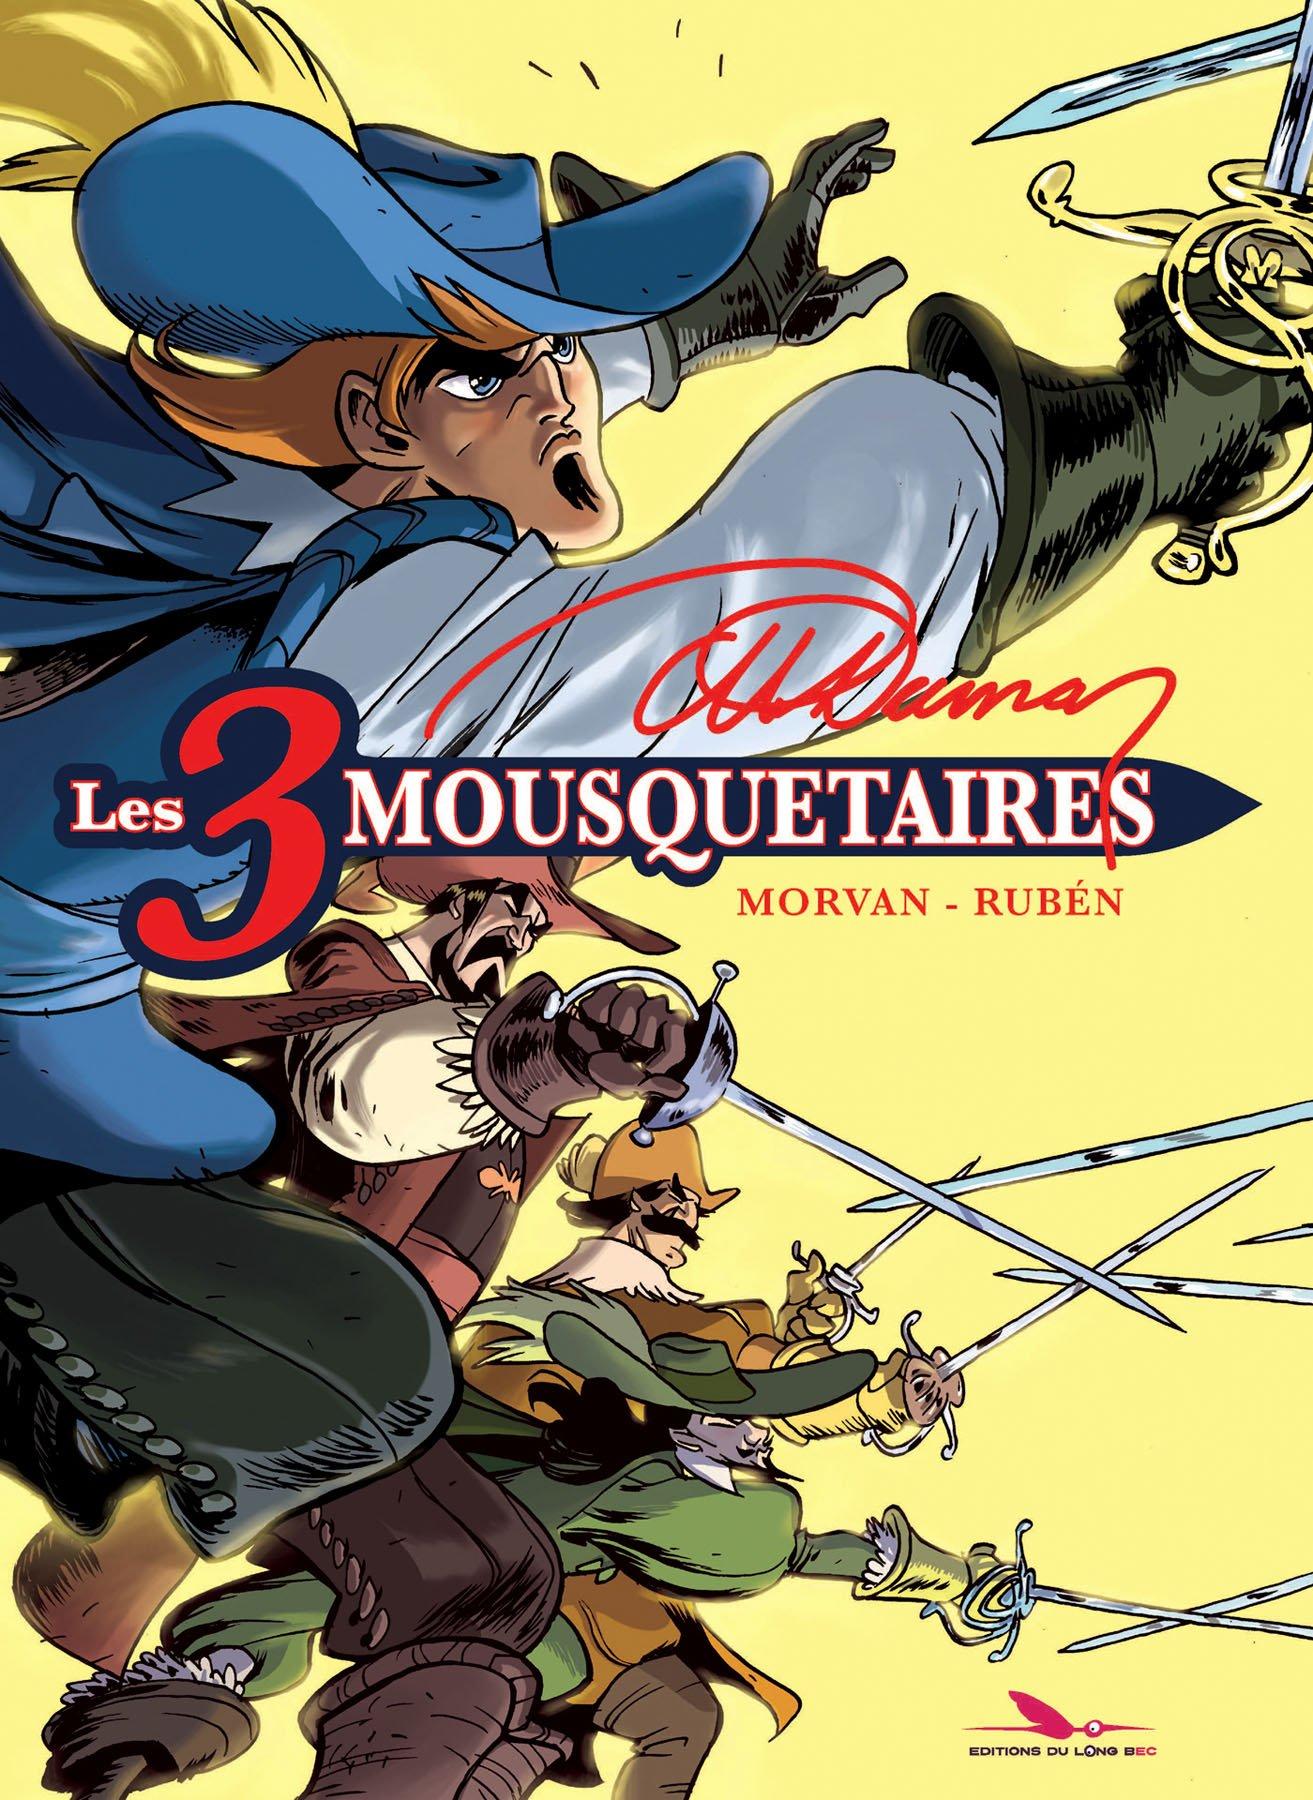 Les Trois Mousquetaires, d'Alexandre Dumas 1